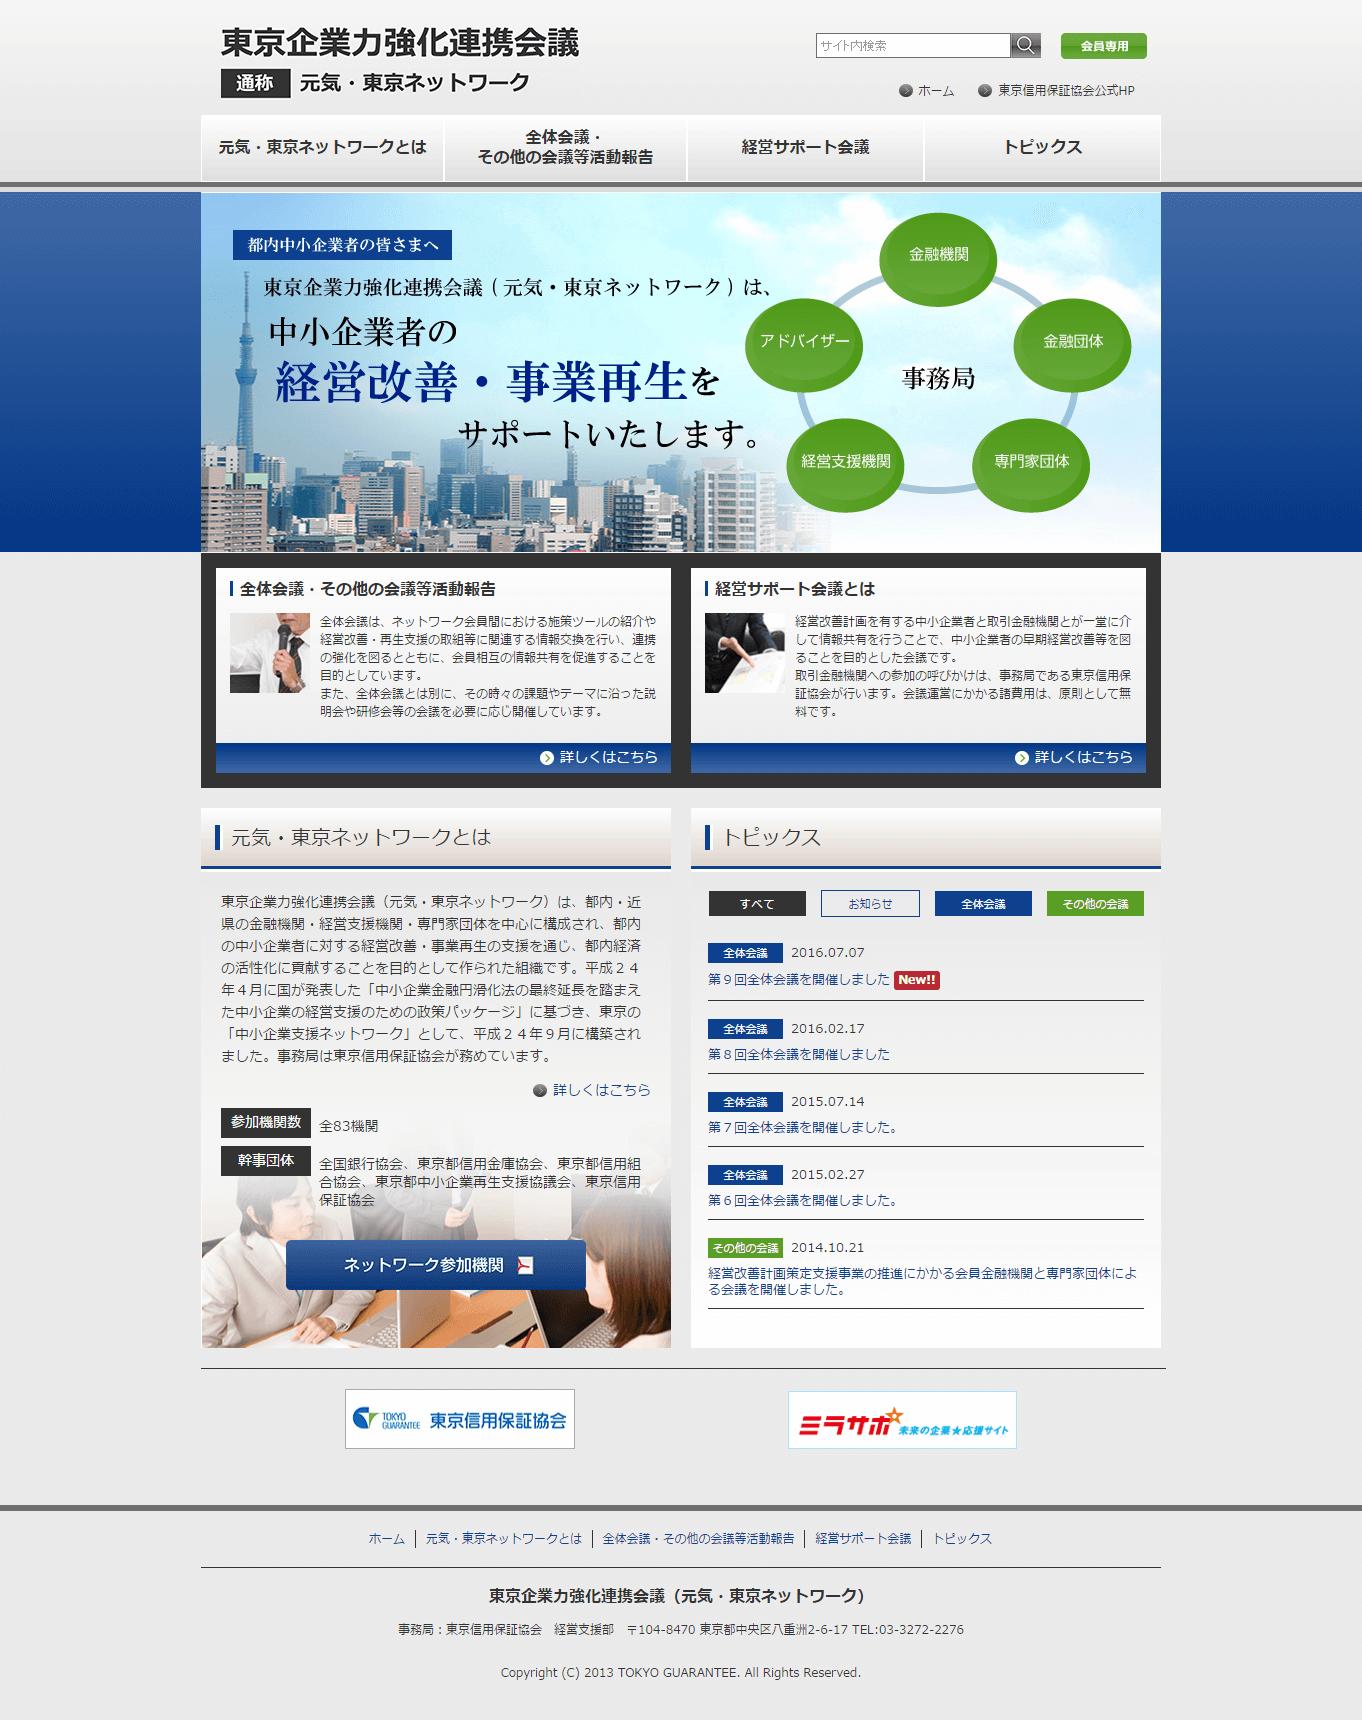 東京企業力強化連携会議/元気・東京ネットワークスクリーンショット